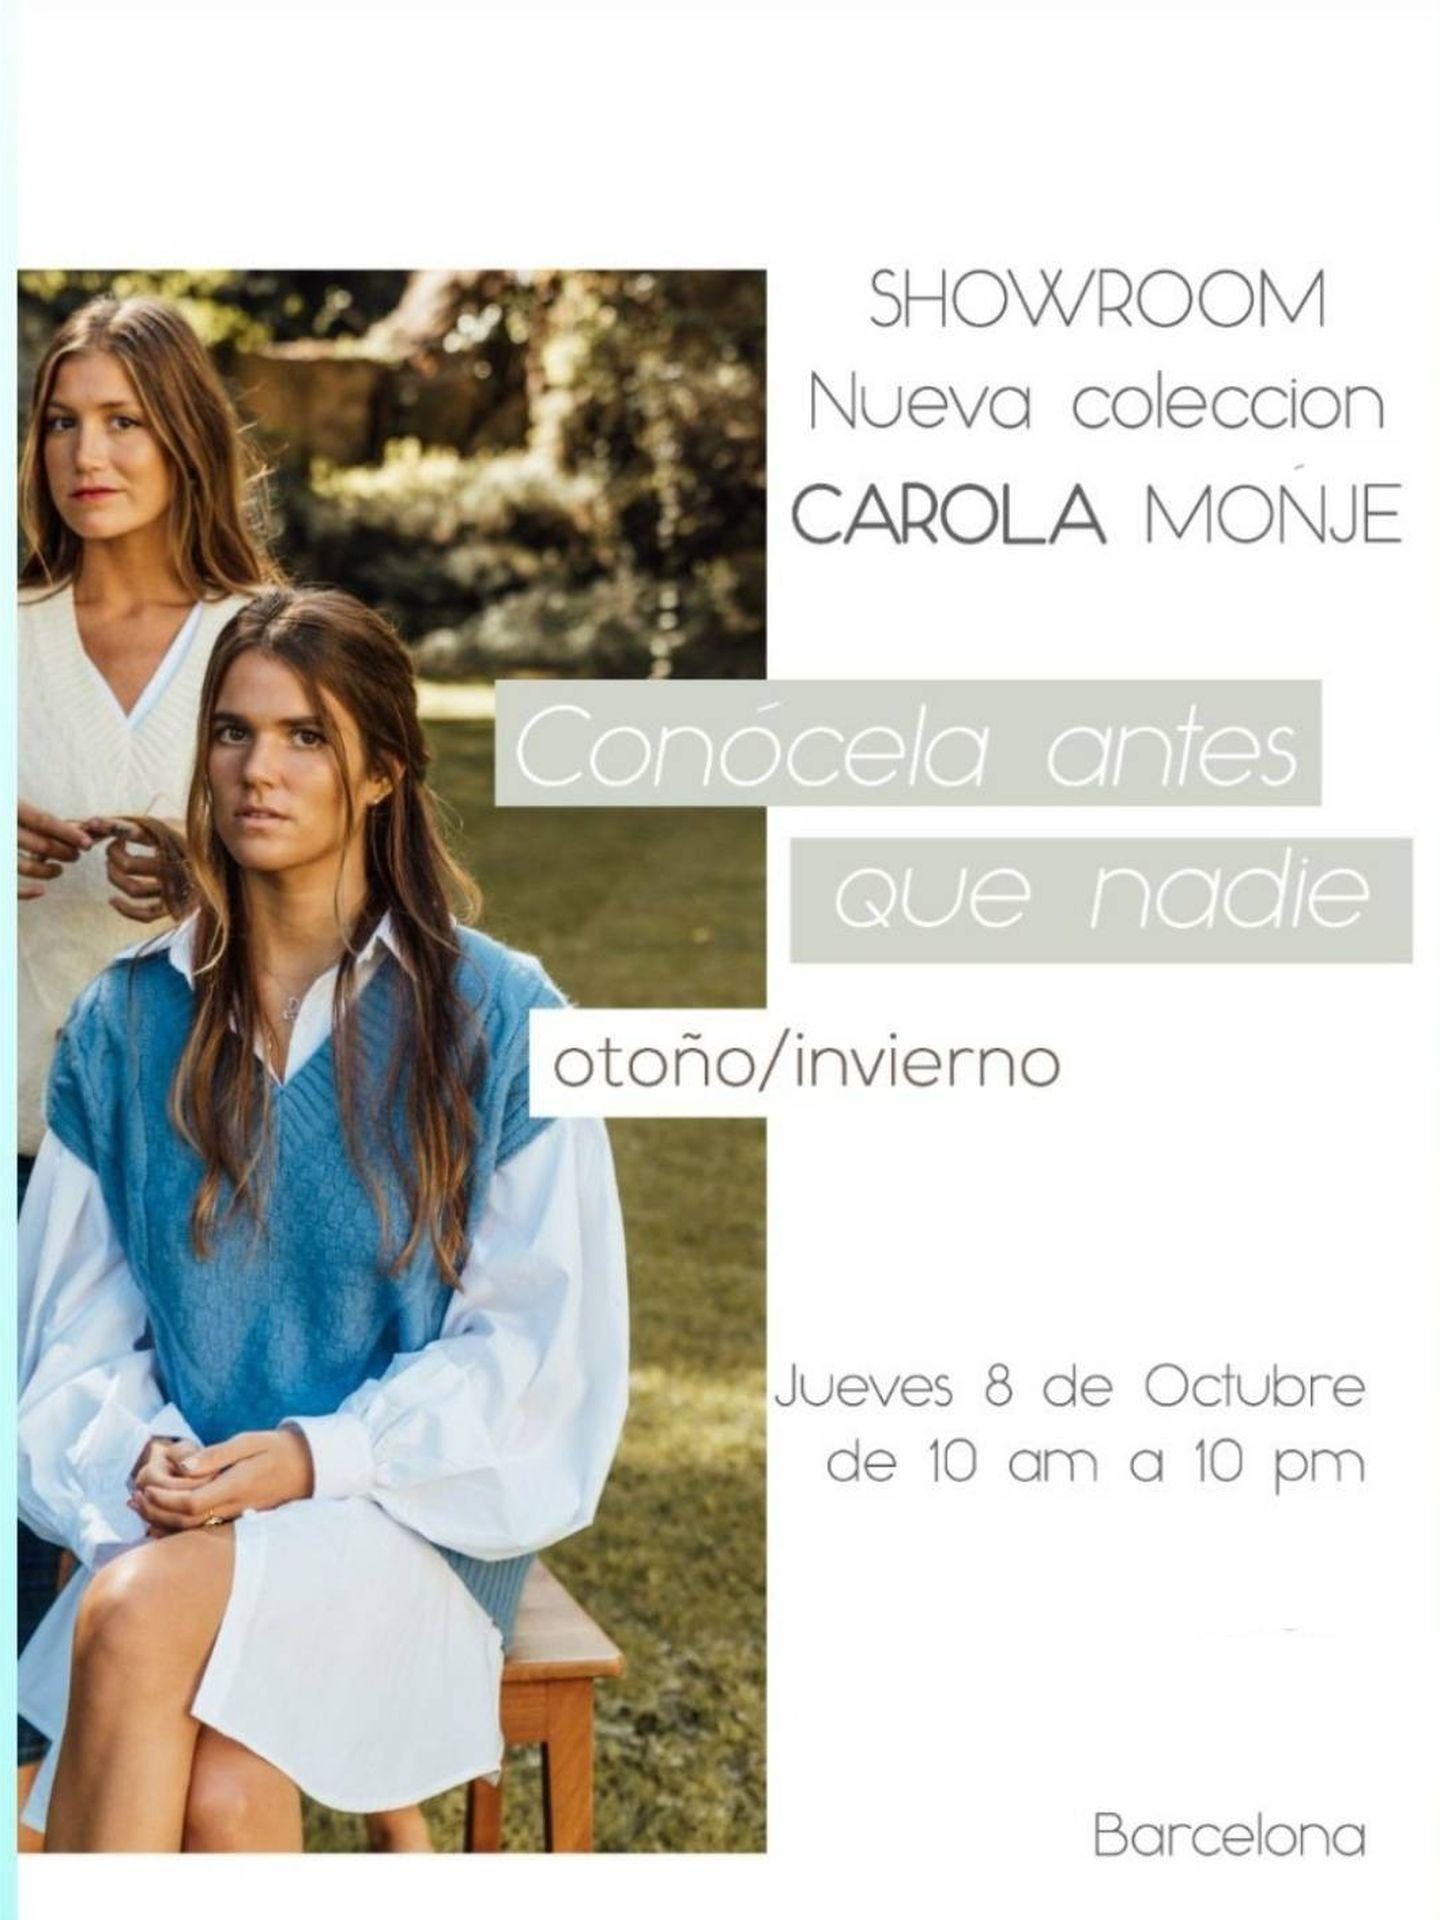 Anuncio del showroom de la colección de Carolina Monje. (IG)